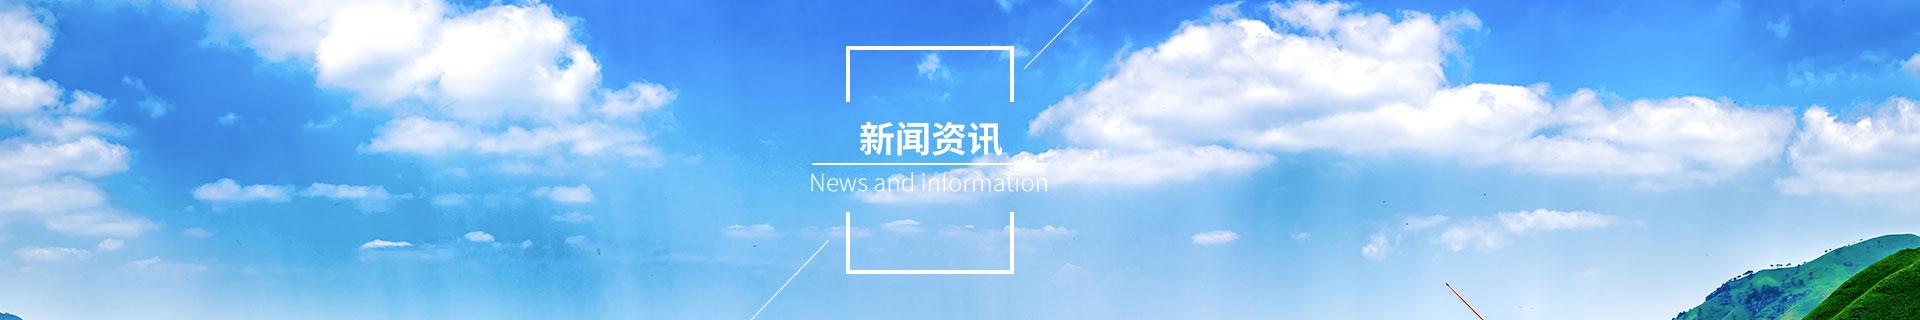 哈仙岛资讯